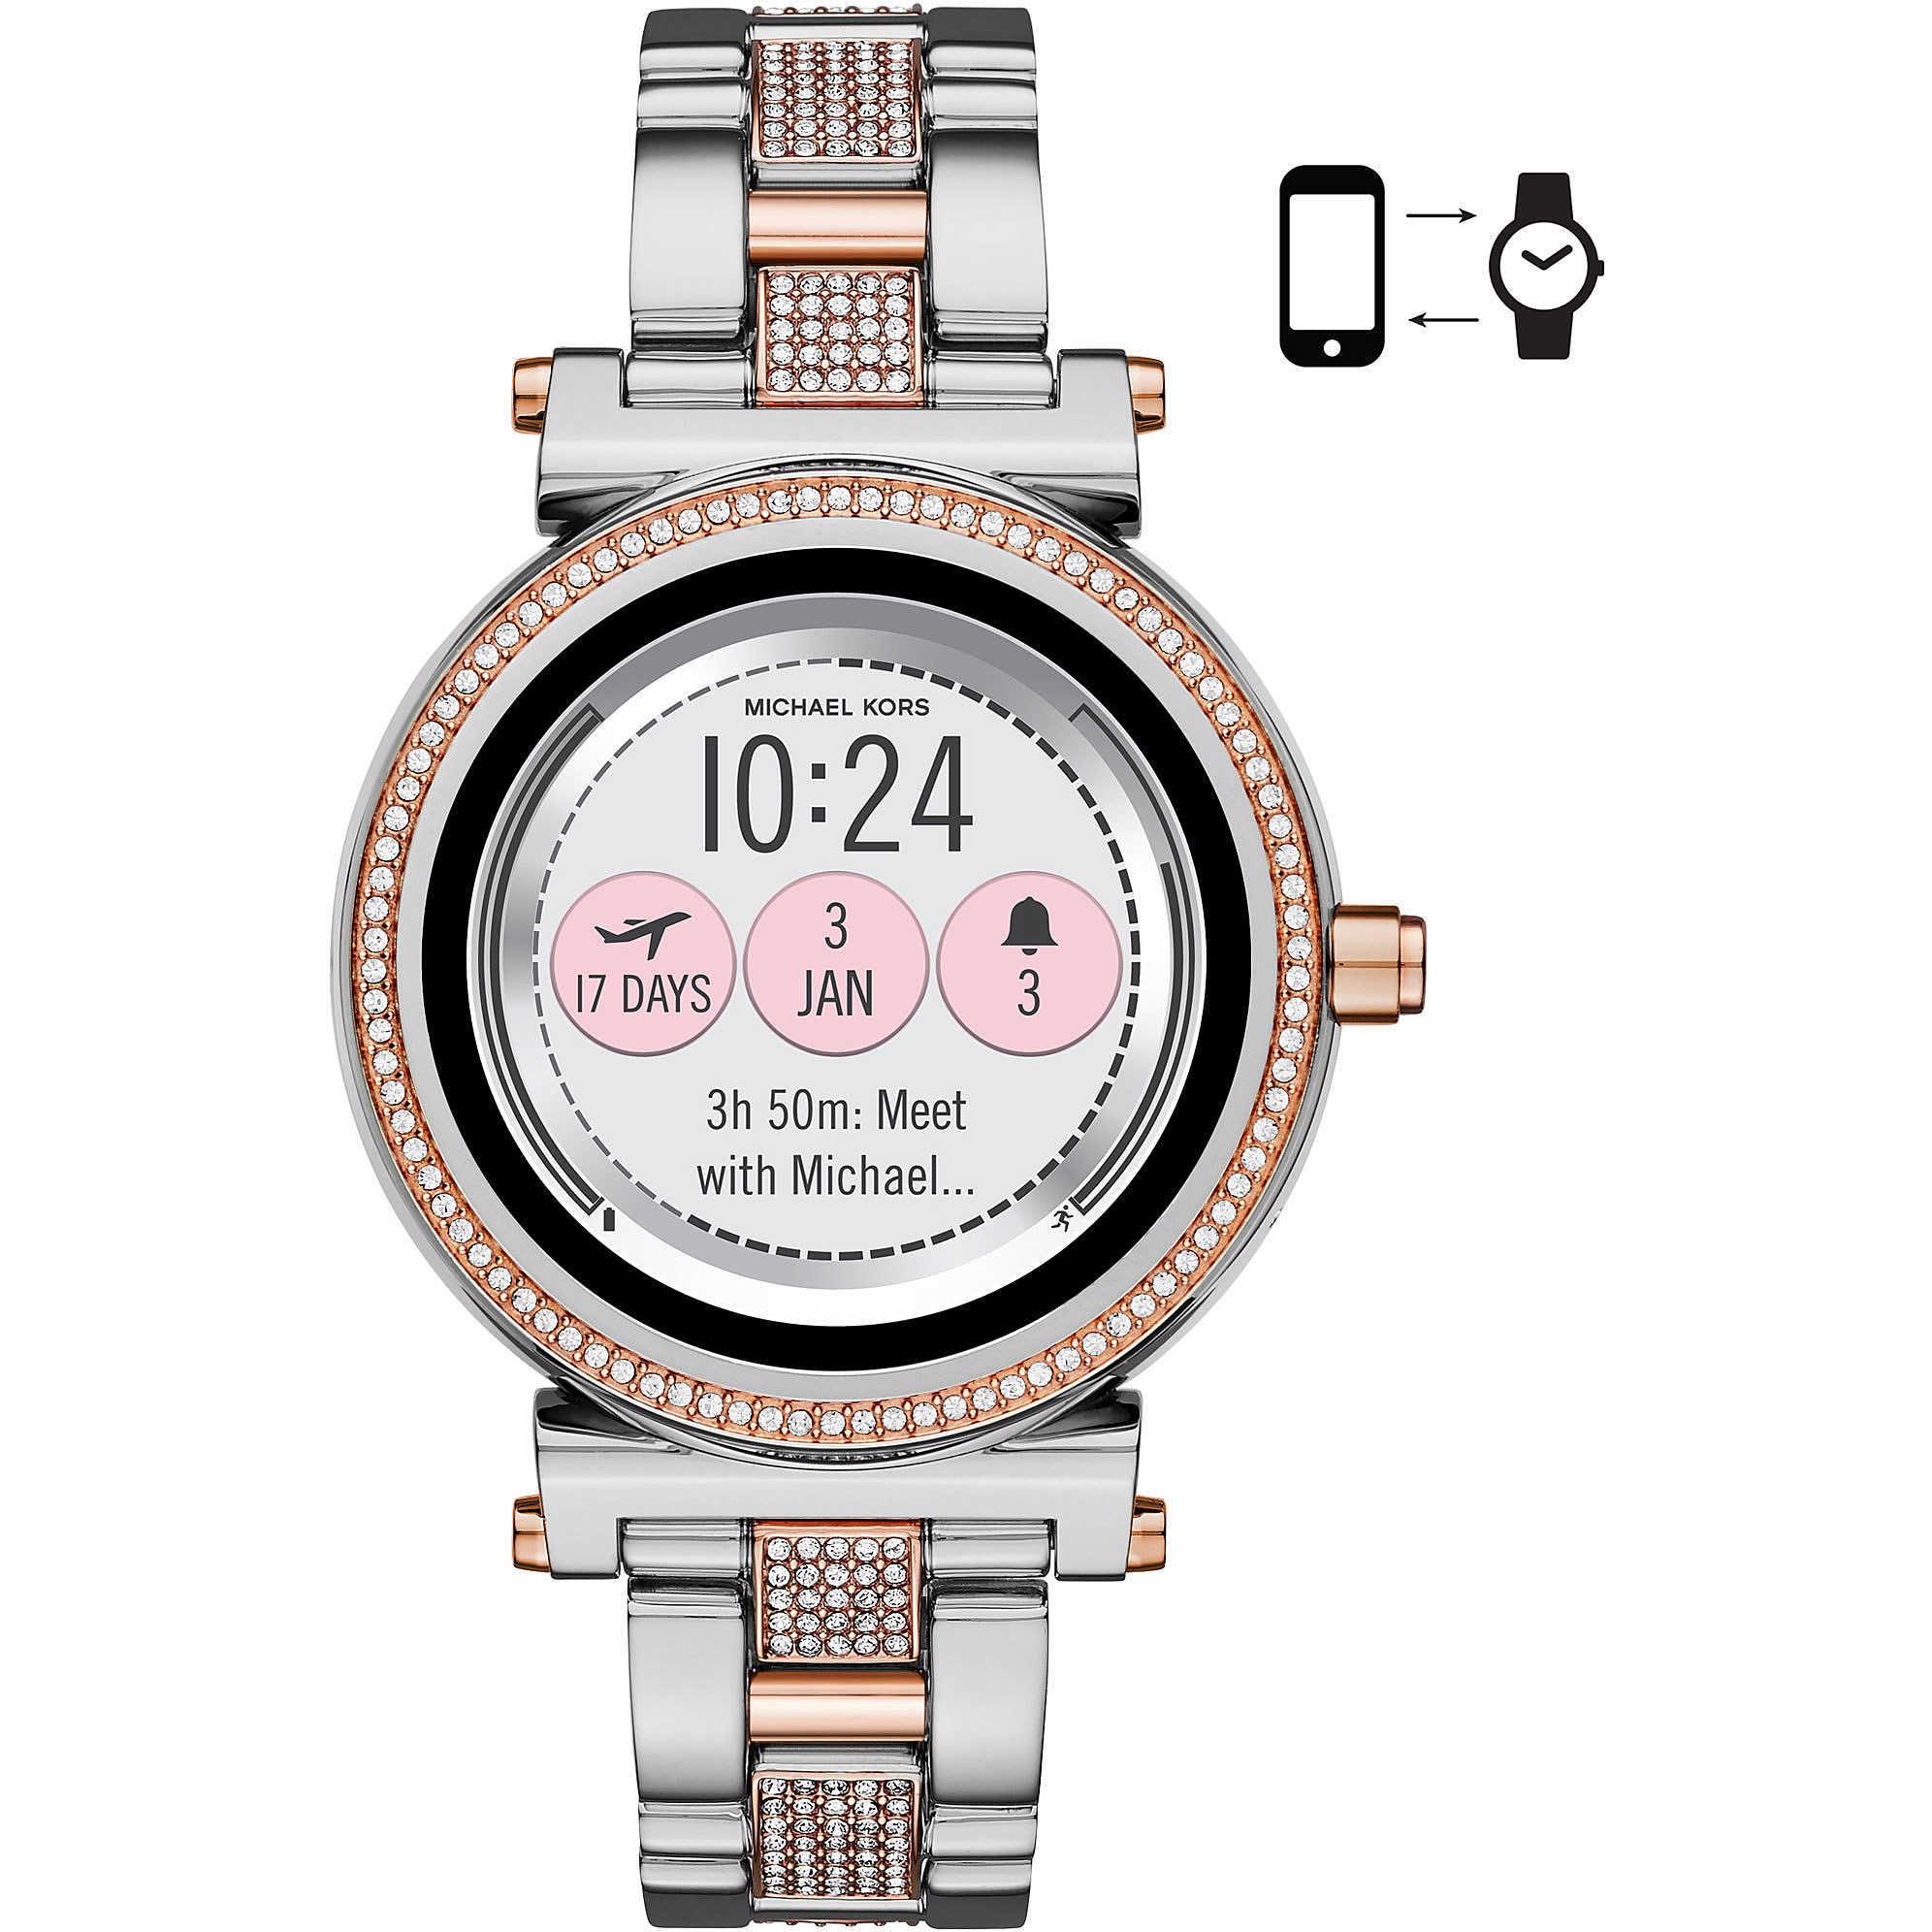 80e197e7904 Uhr Smartwatch frau Michael Kors Sofie MKT5040 Smartwatches Michael Kors